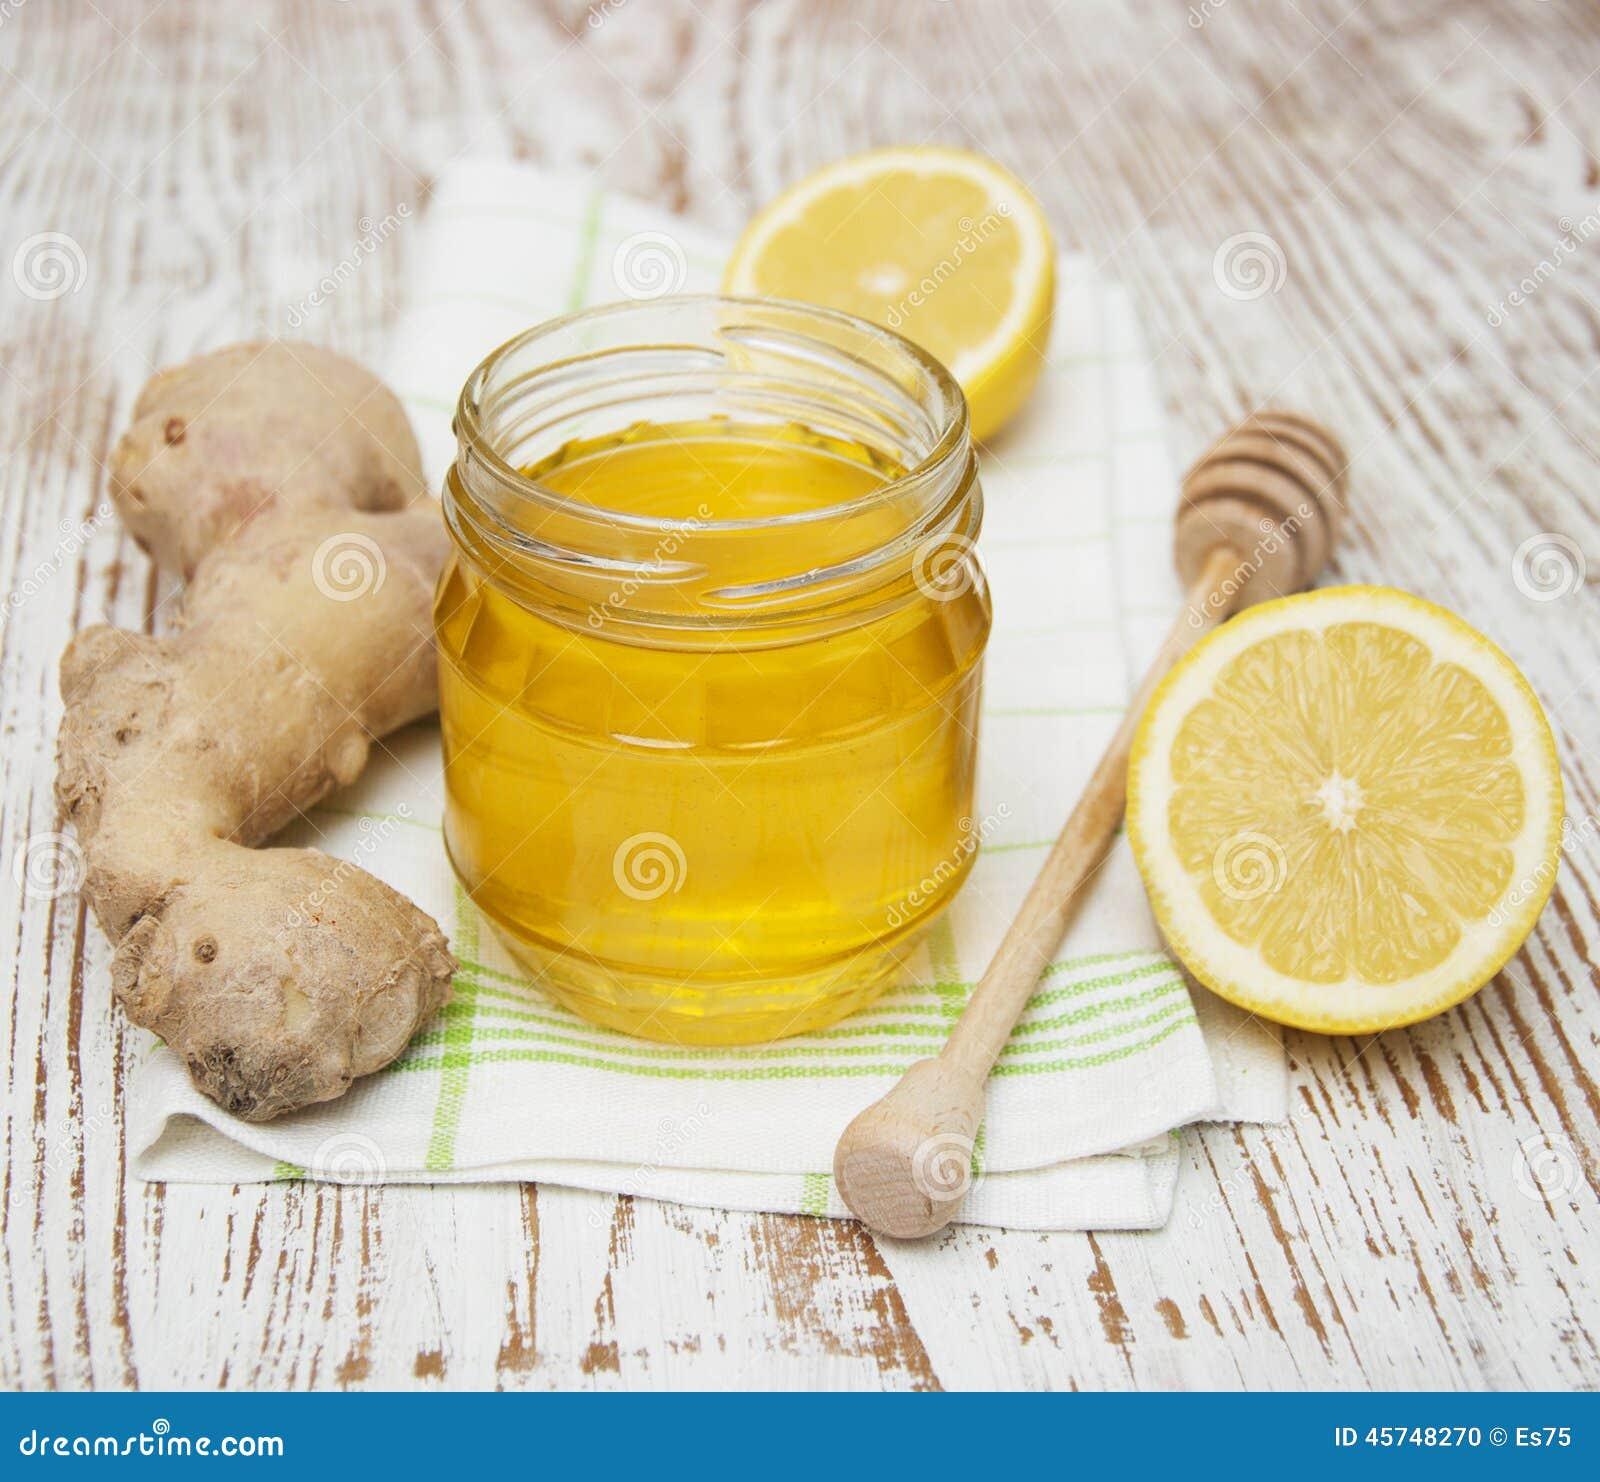 ingefära citron och honung